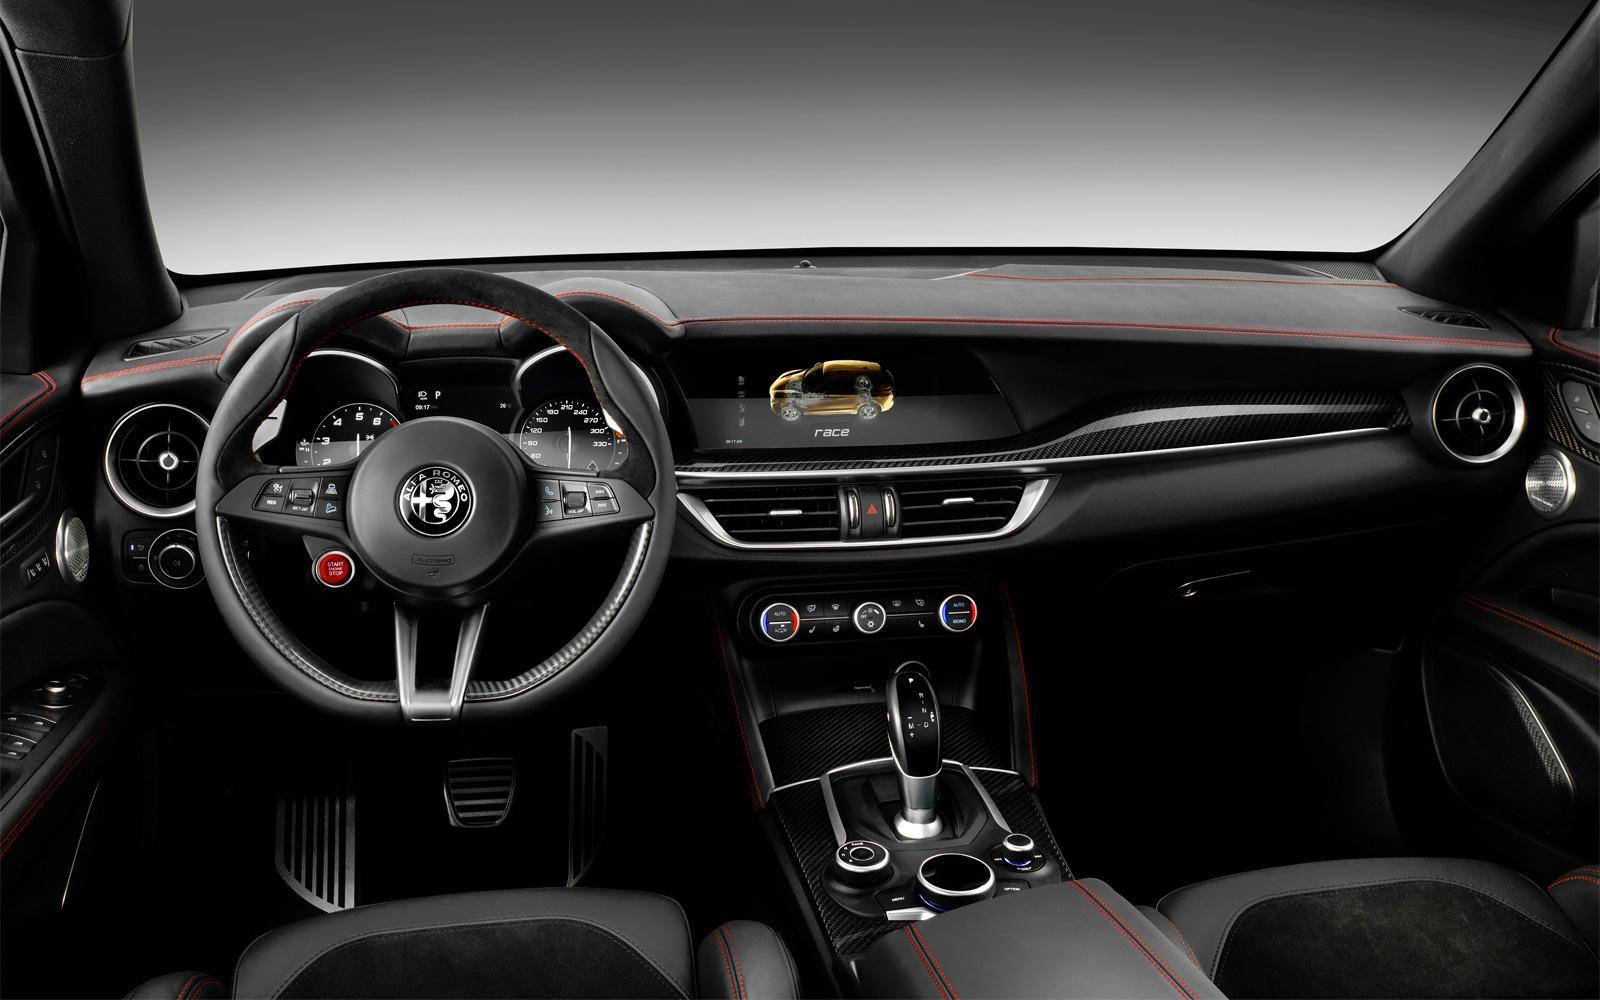 Грядущие новинки Alfa Romeo ограничатся лишь самыми нужными экранами: об этом сказал новый босс марки Жан-Филипп Импарато в разговоре с сотрудниками французской радиостанции.